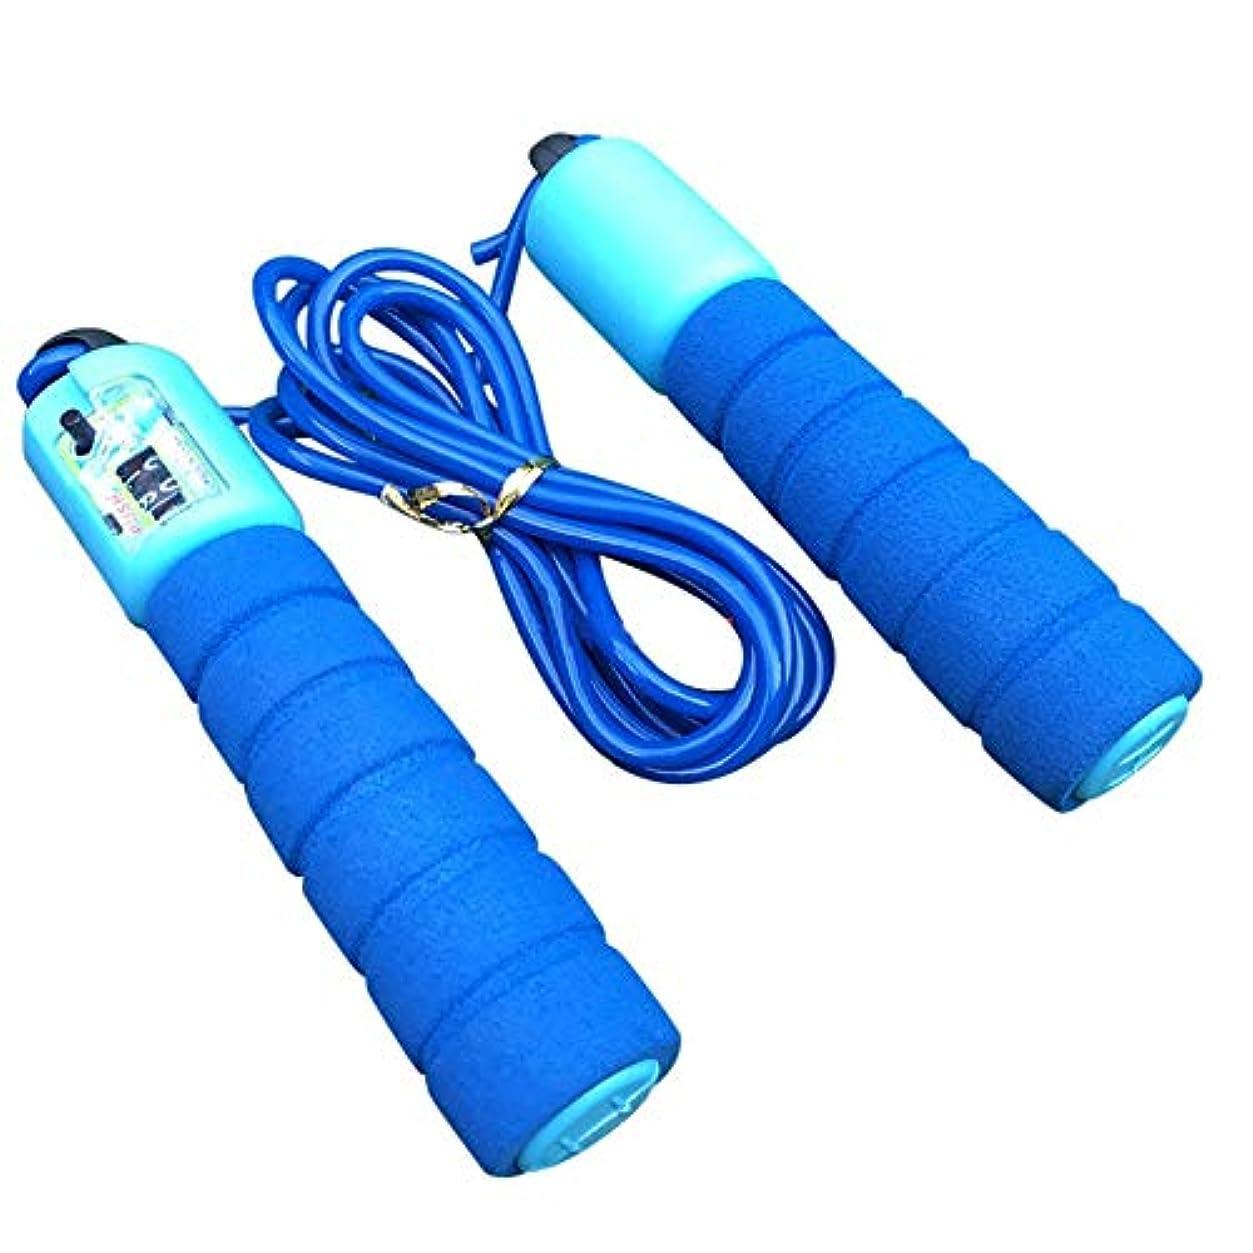 花火れる支給調整可能なプロフェッショナルカウント縄跳び自動カウントジャンプロープフィットネス運動高速カウントジャンプロープ - 青